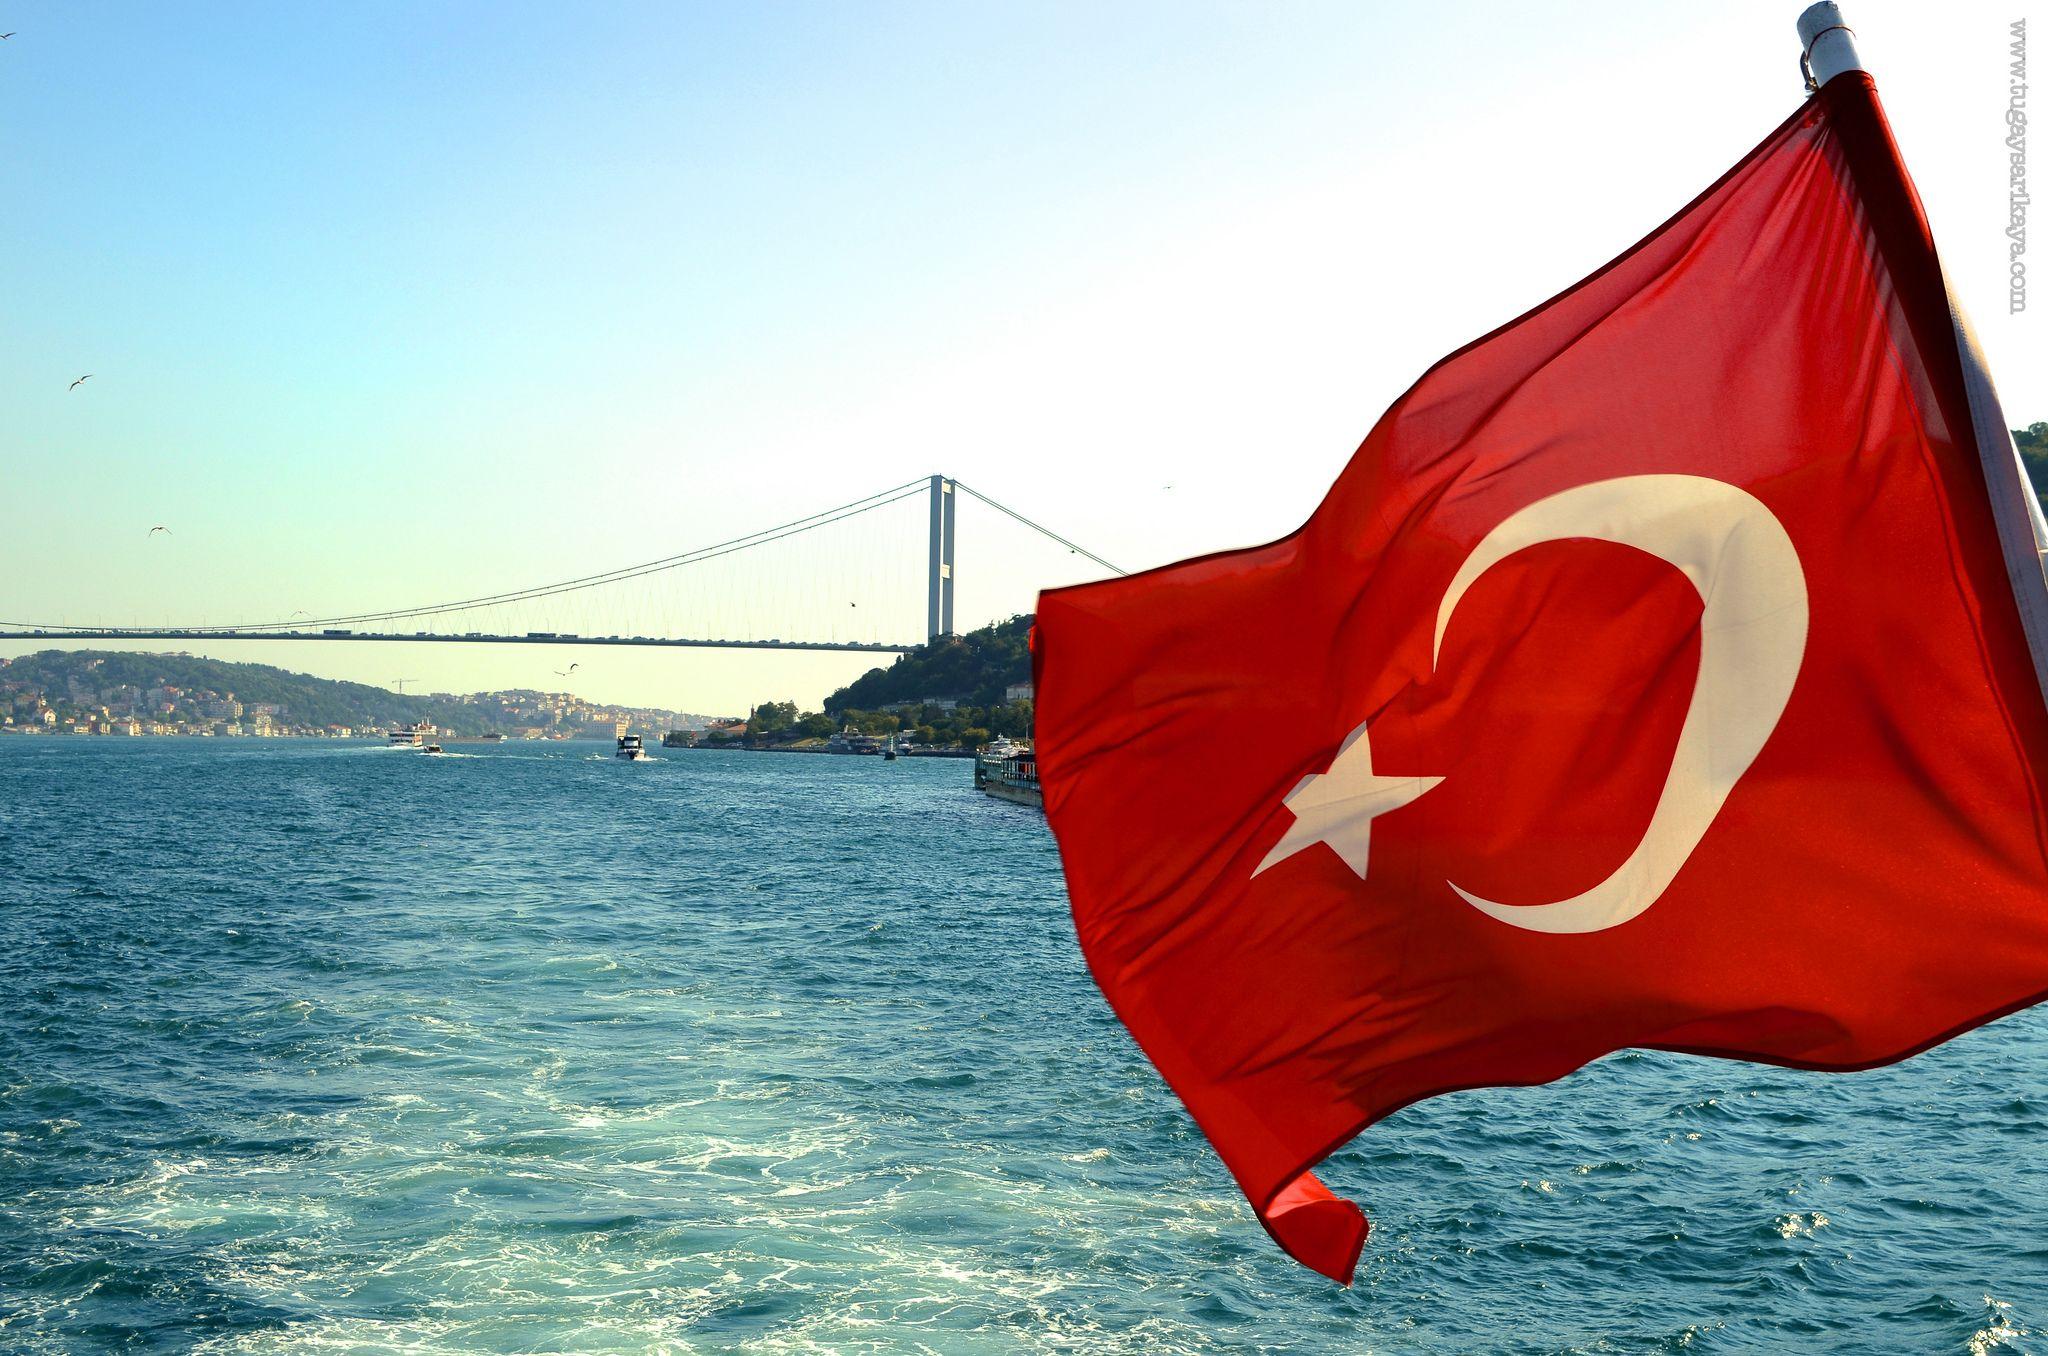 этого самые красивые фото с турецким флагом кто карантине